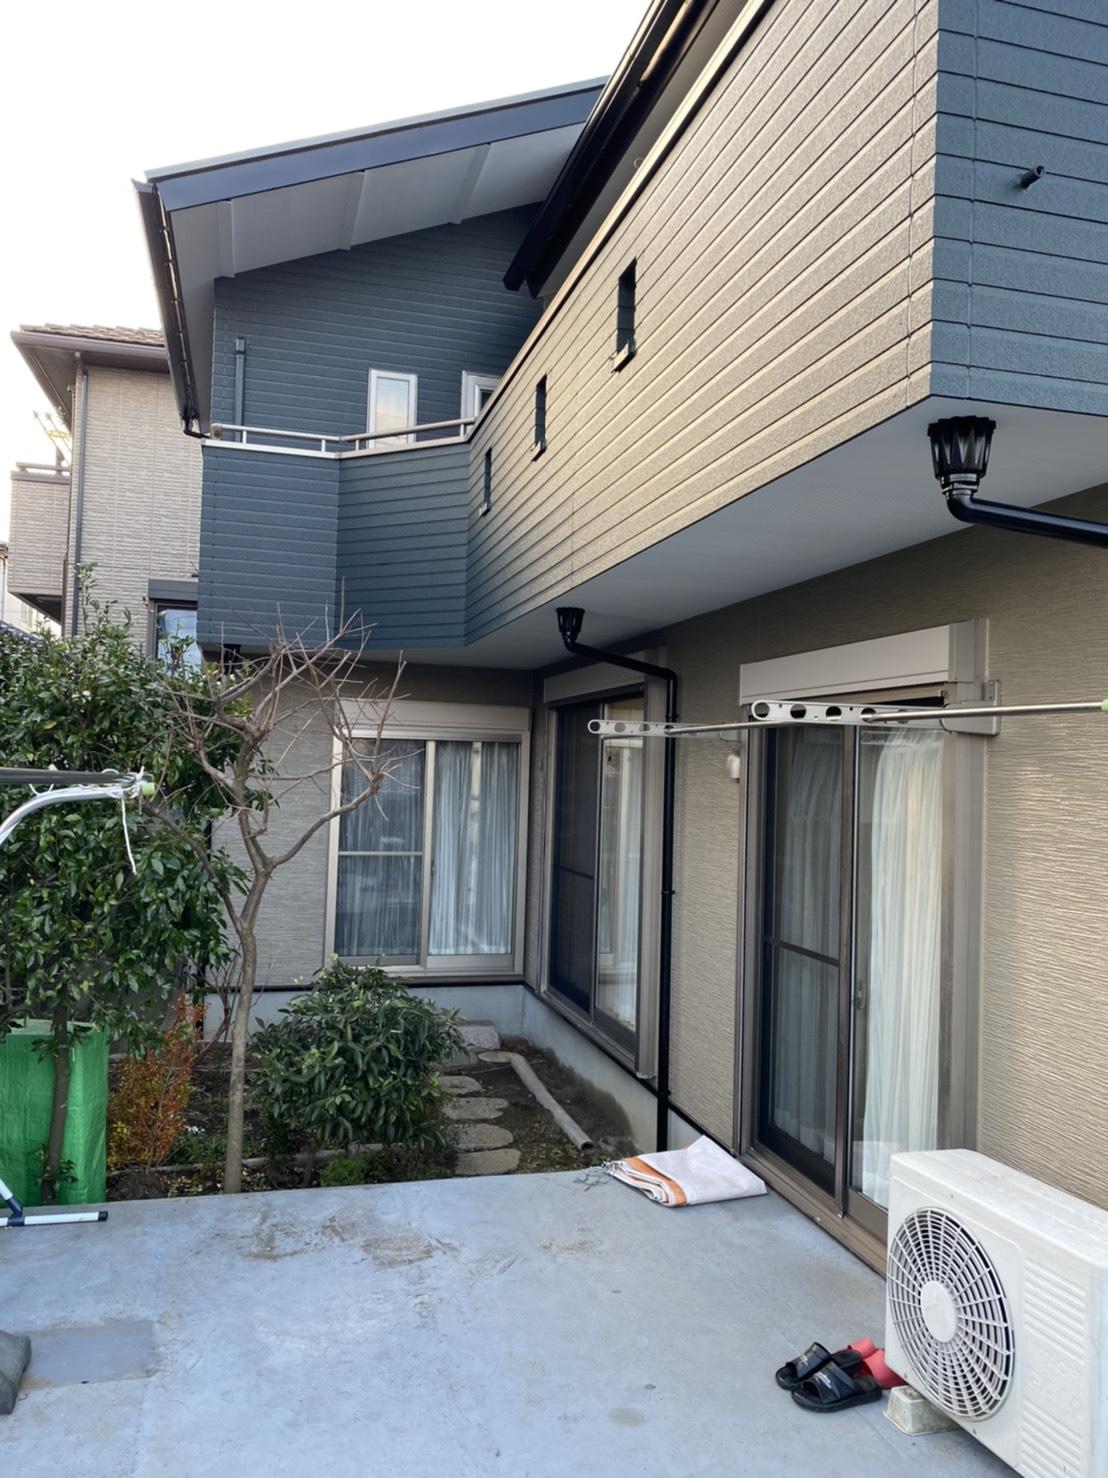 千葉県鎌ケ谷市T様邸 屋根外壁塗装工事